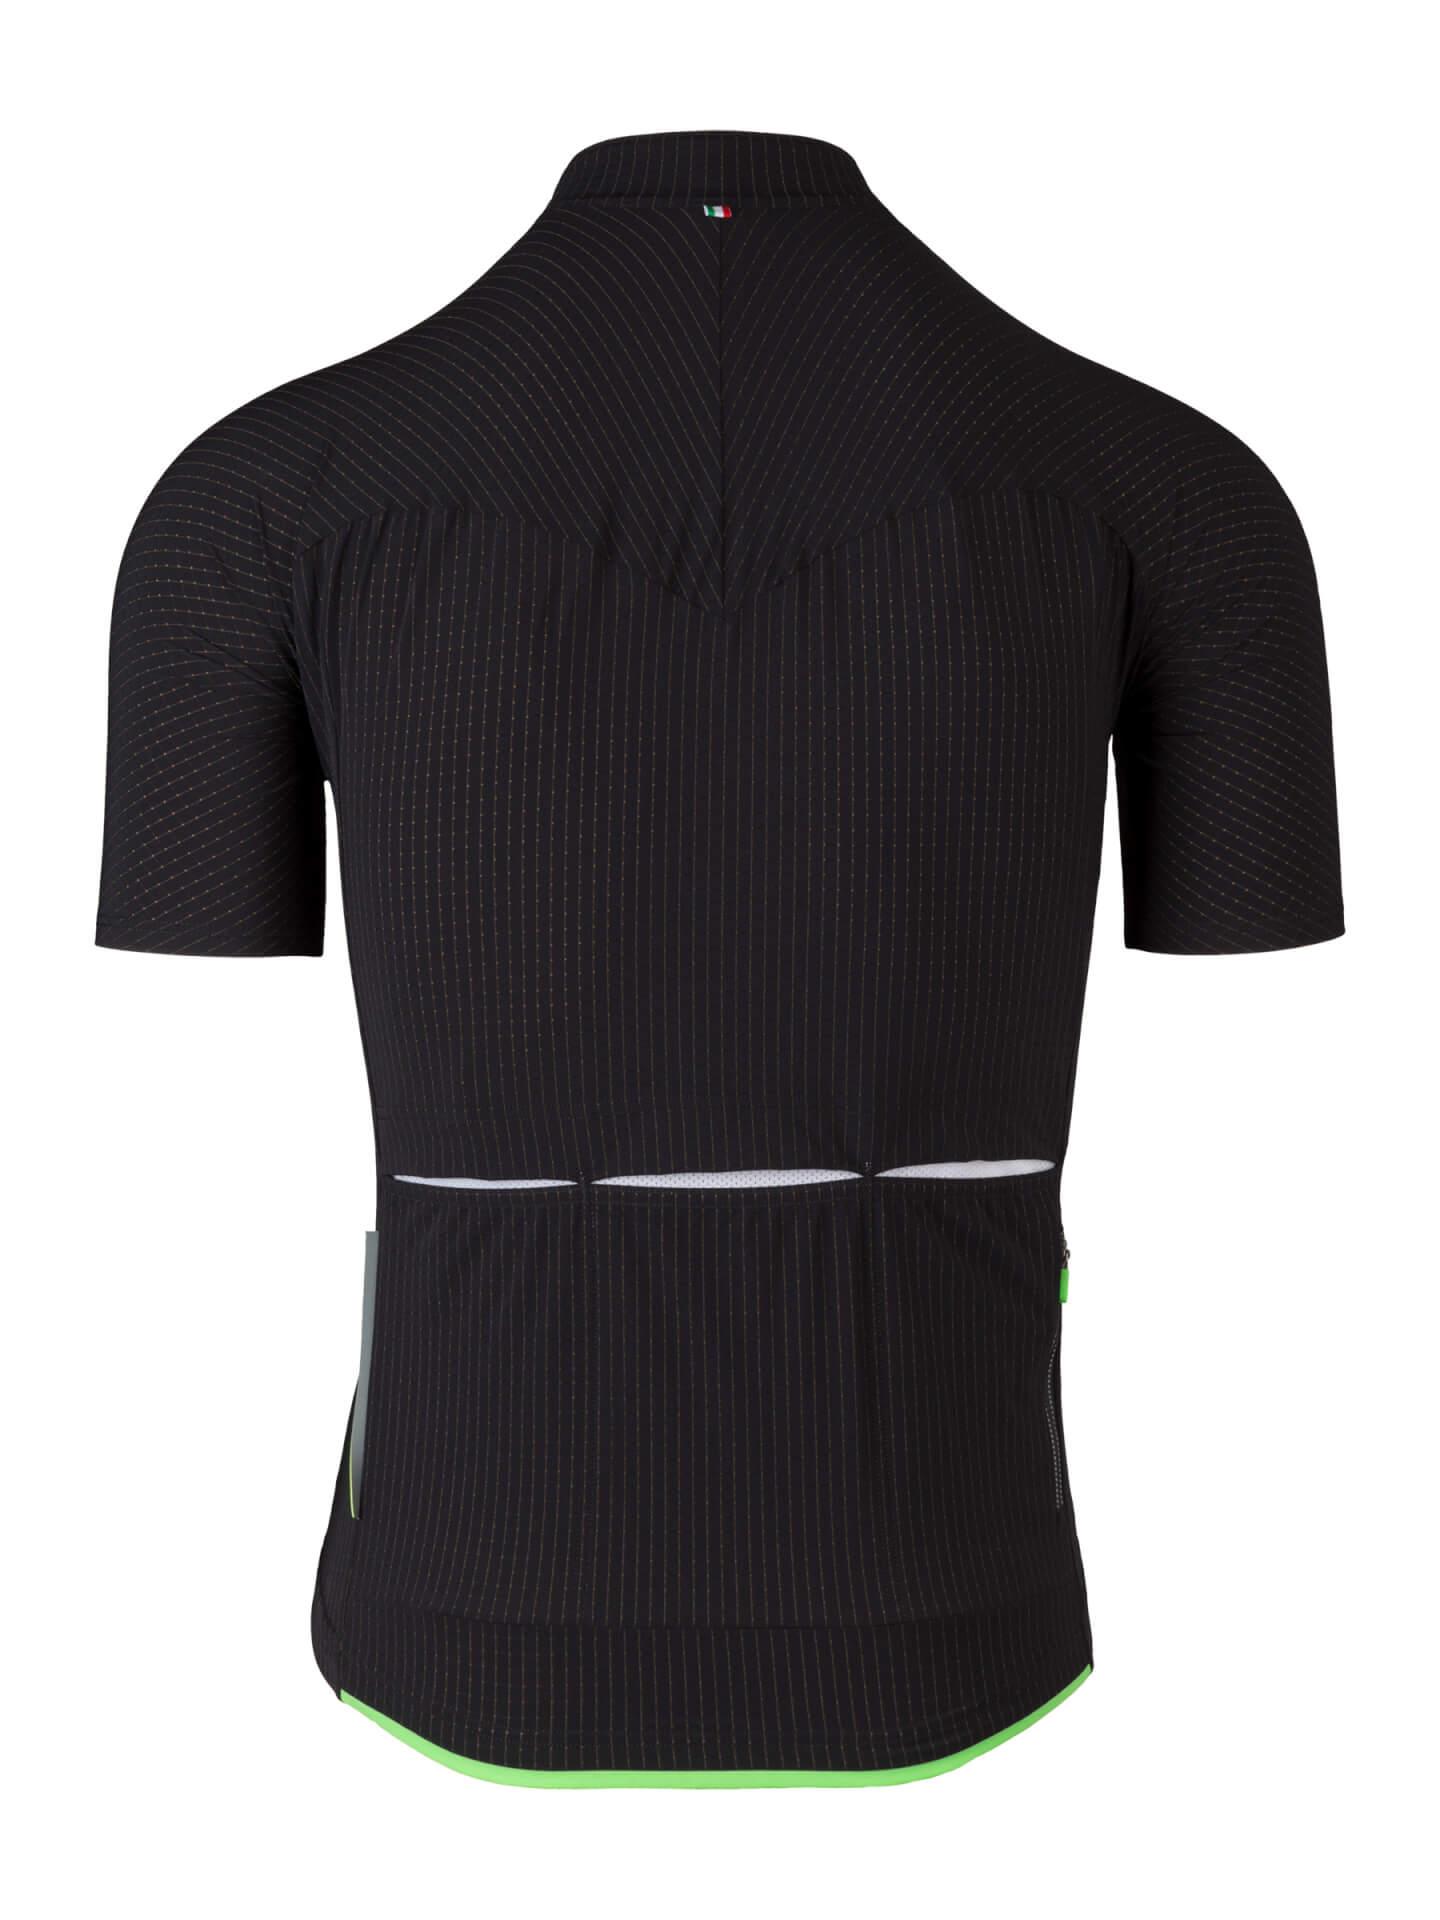 Jersey L1 Pinstripe X Black